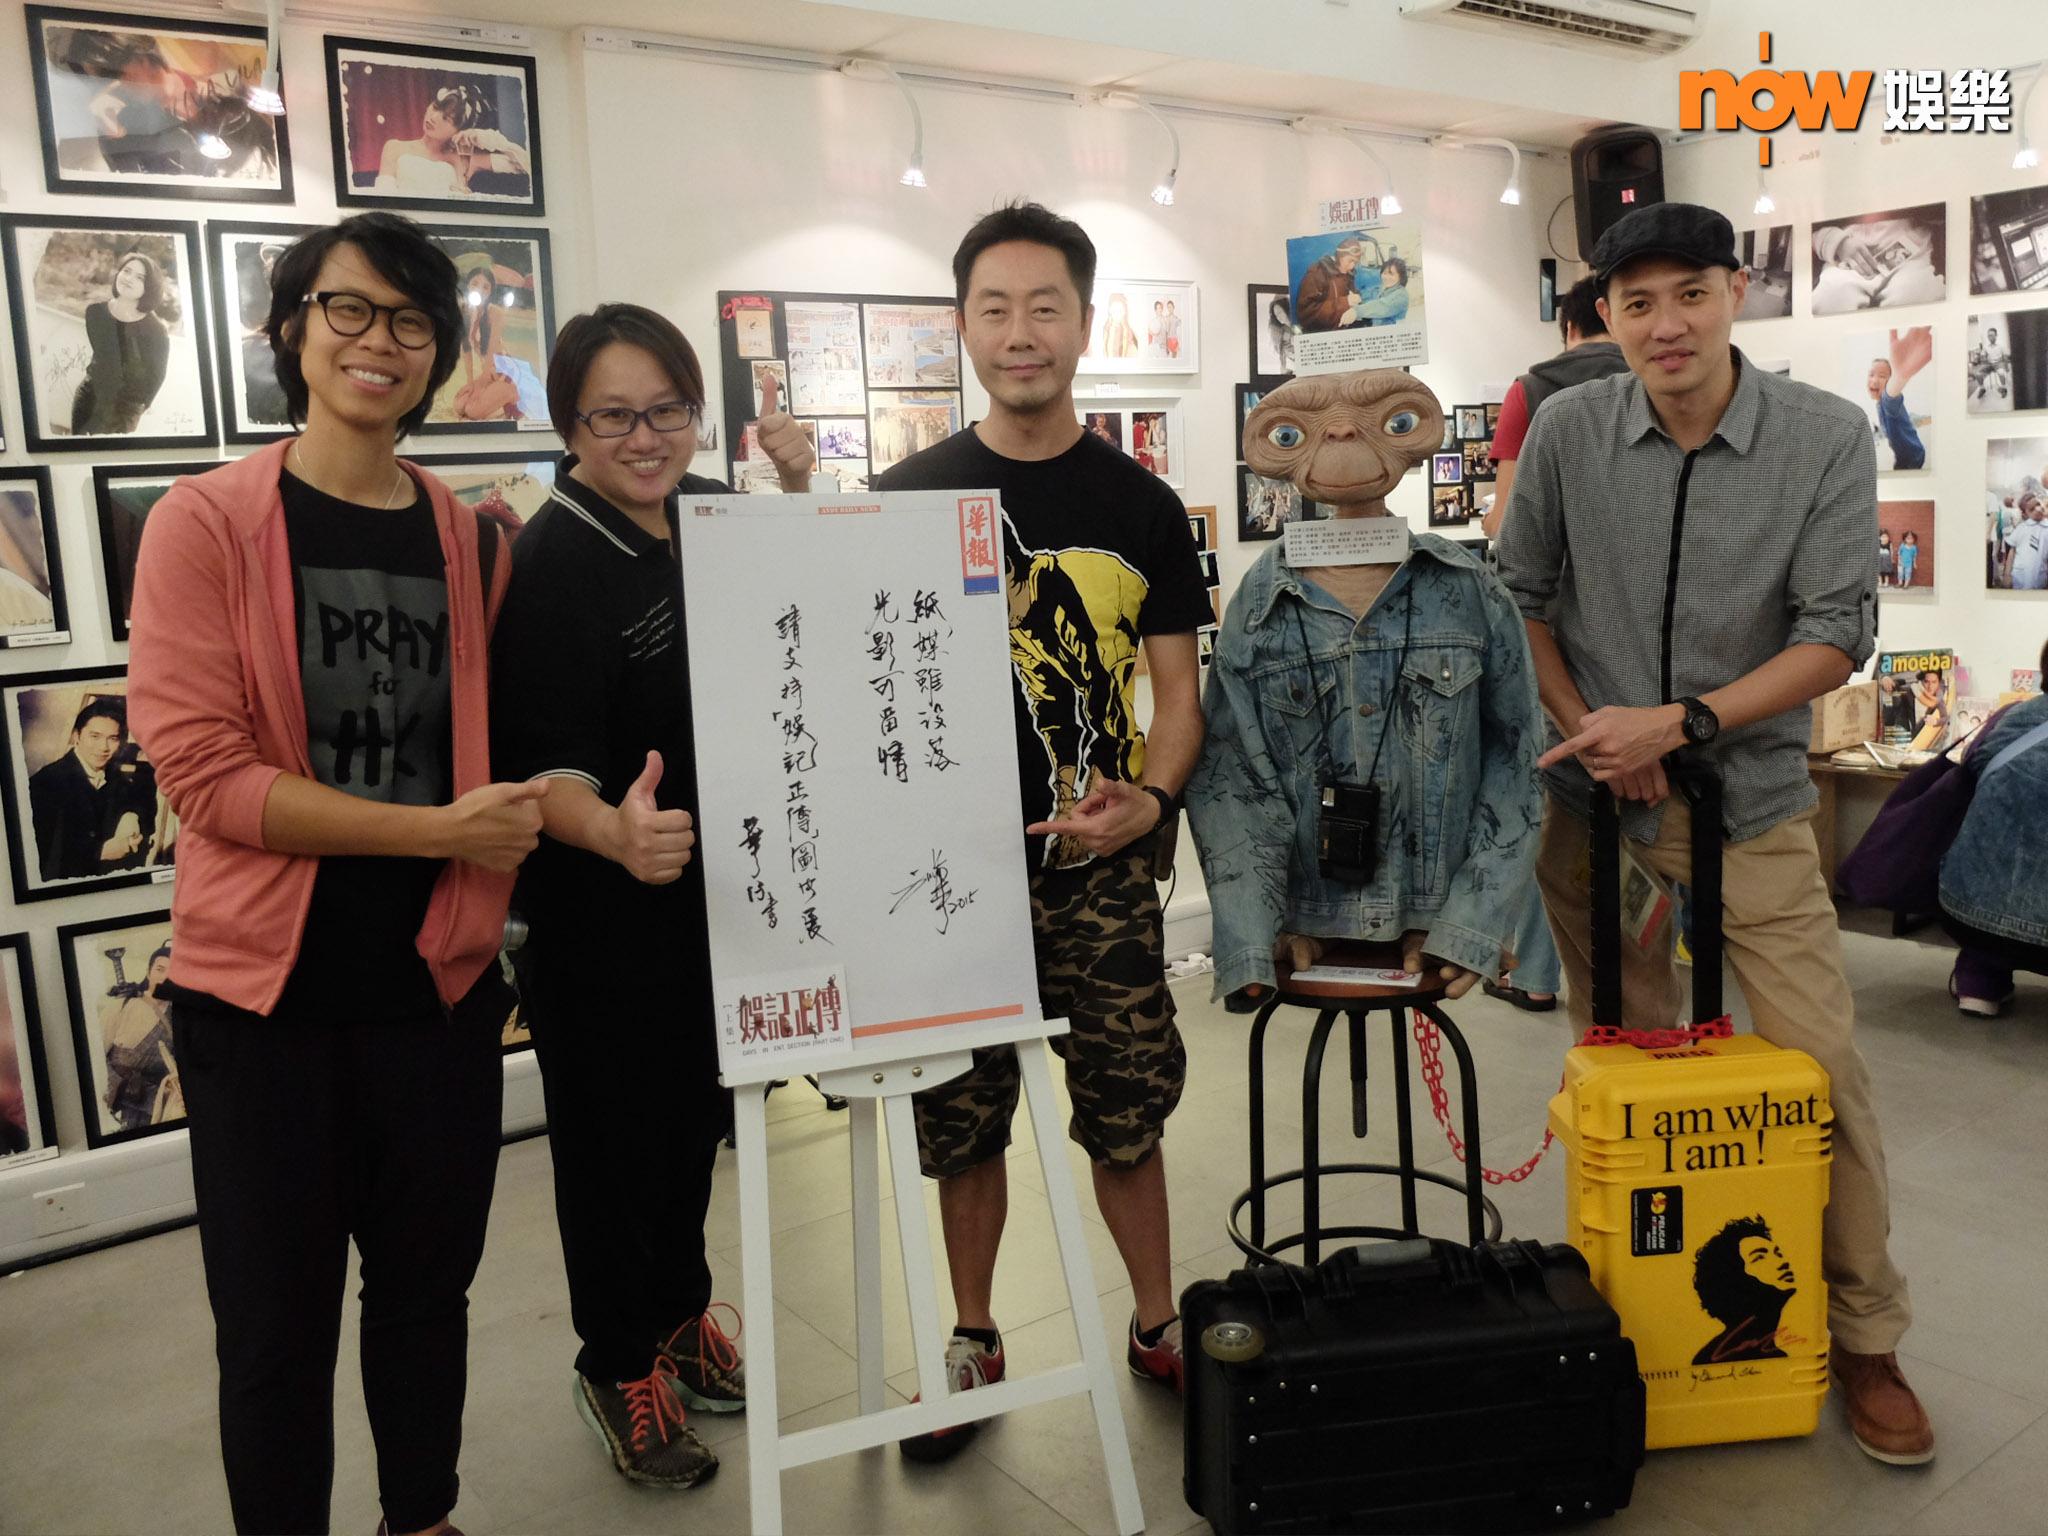 「娛記正傳」其中4位搞手,(左起)李溢敏、黃燕玲、仇志德、李浩恩。